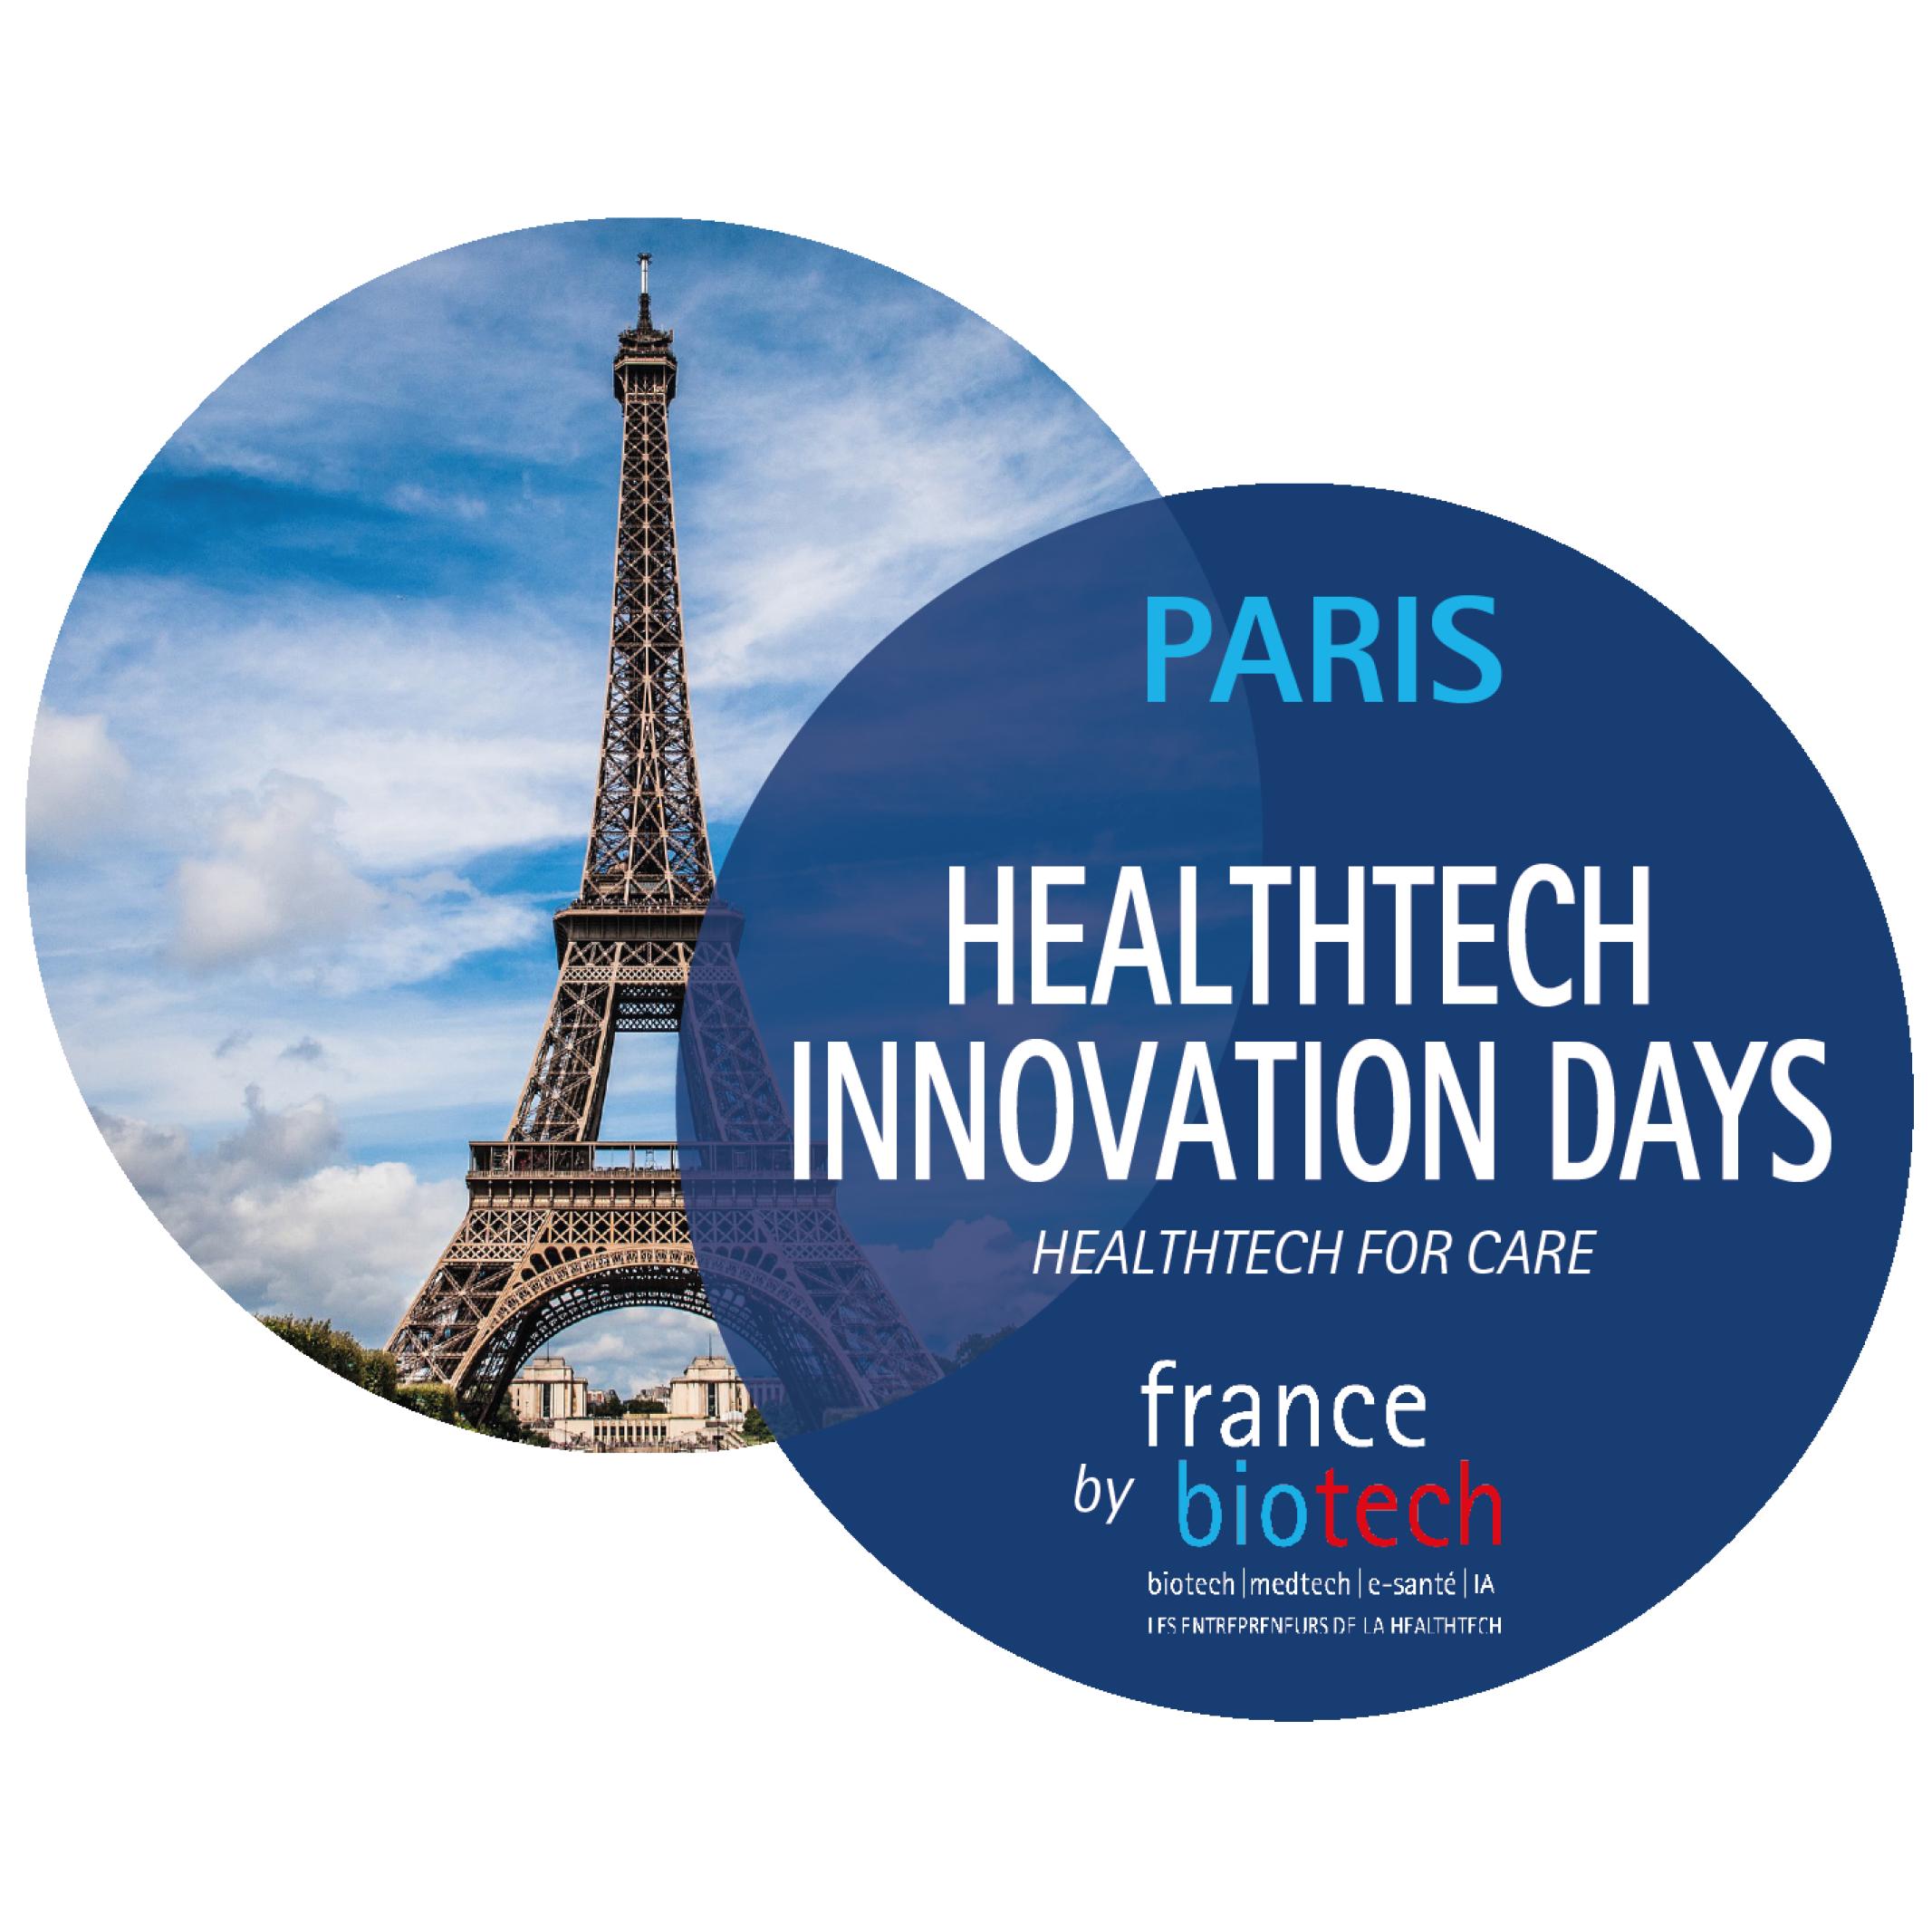 Healthtech Innovation Days